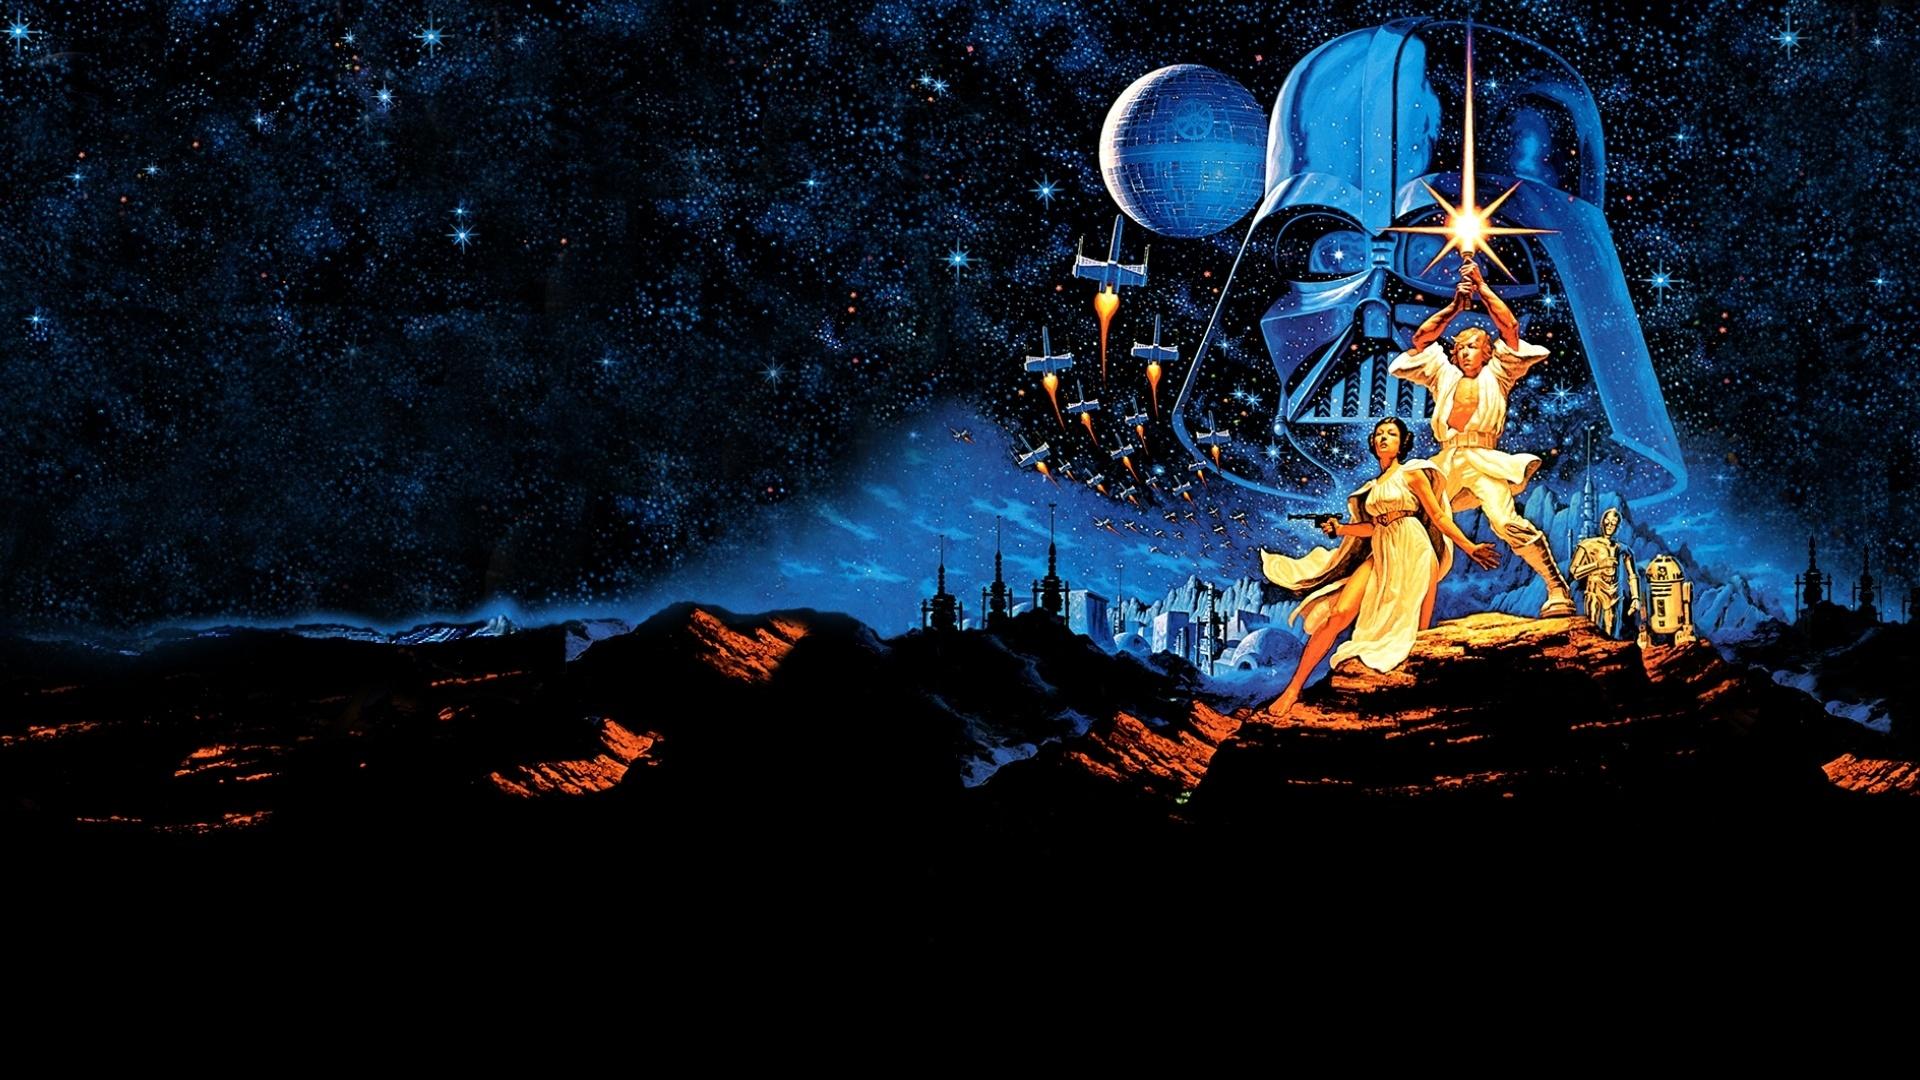 Stars Wars Wallpaper High Resolution Backgrounds Star Of Desktop 1920x1080 wallpaper